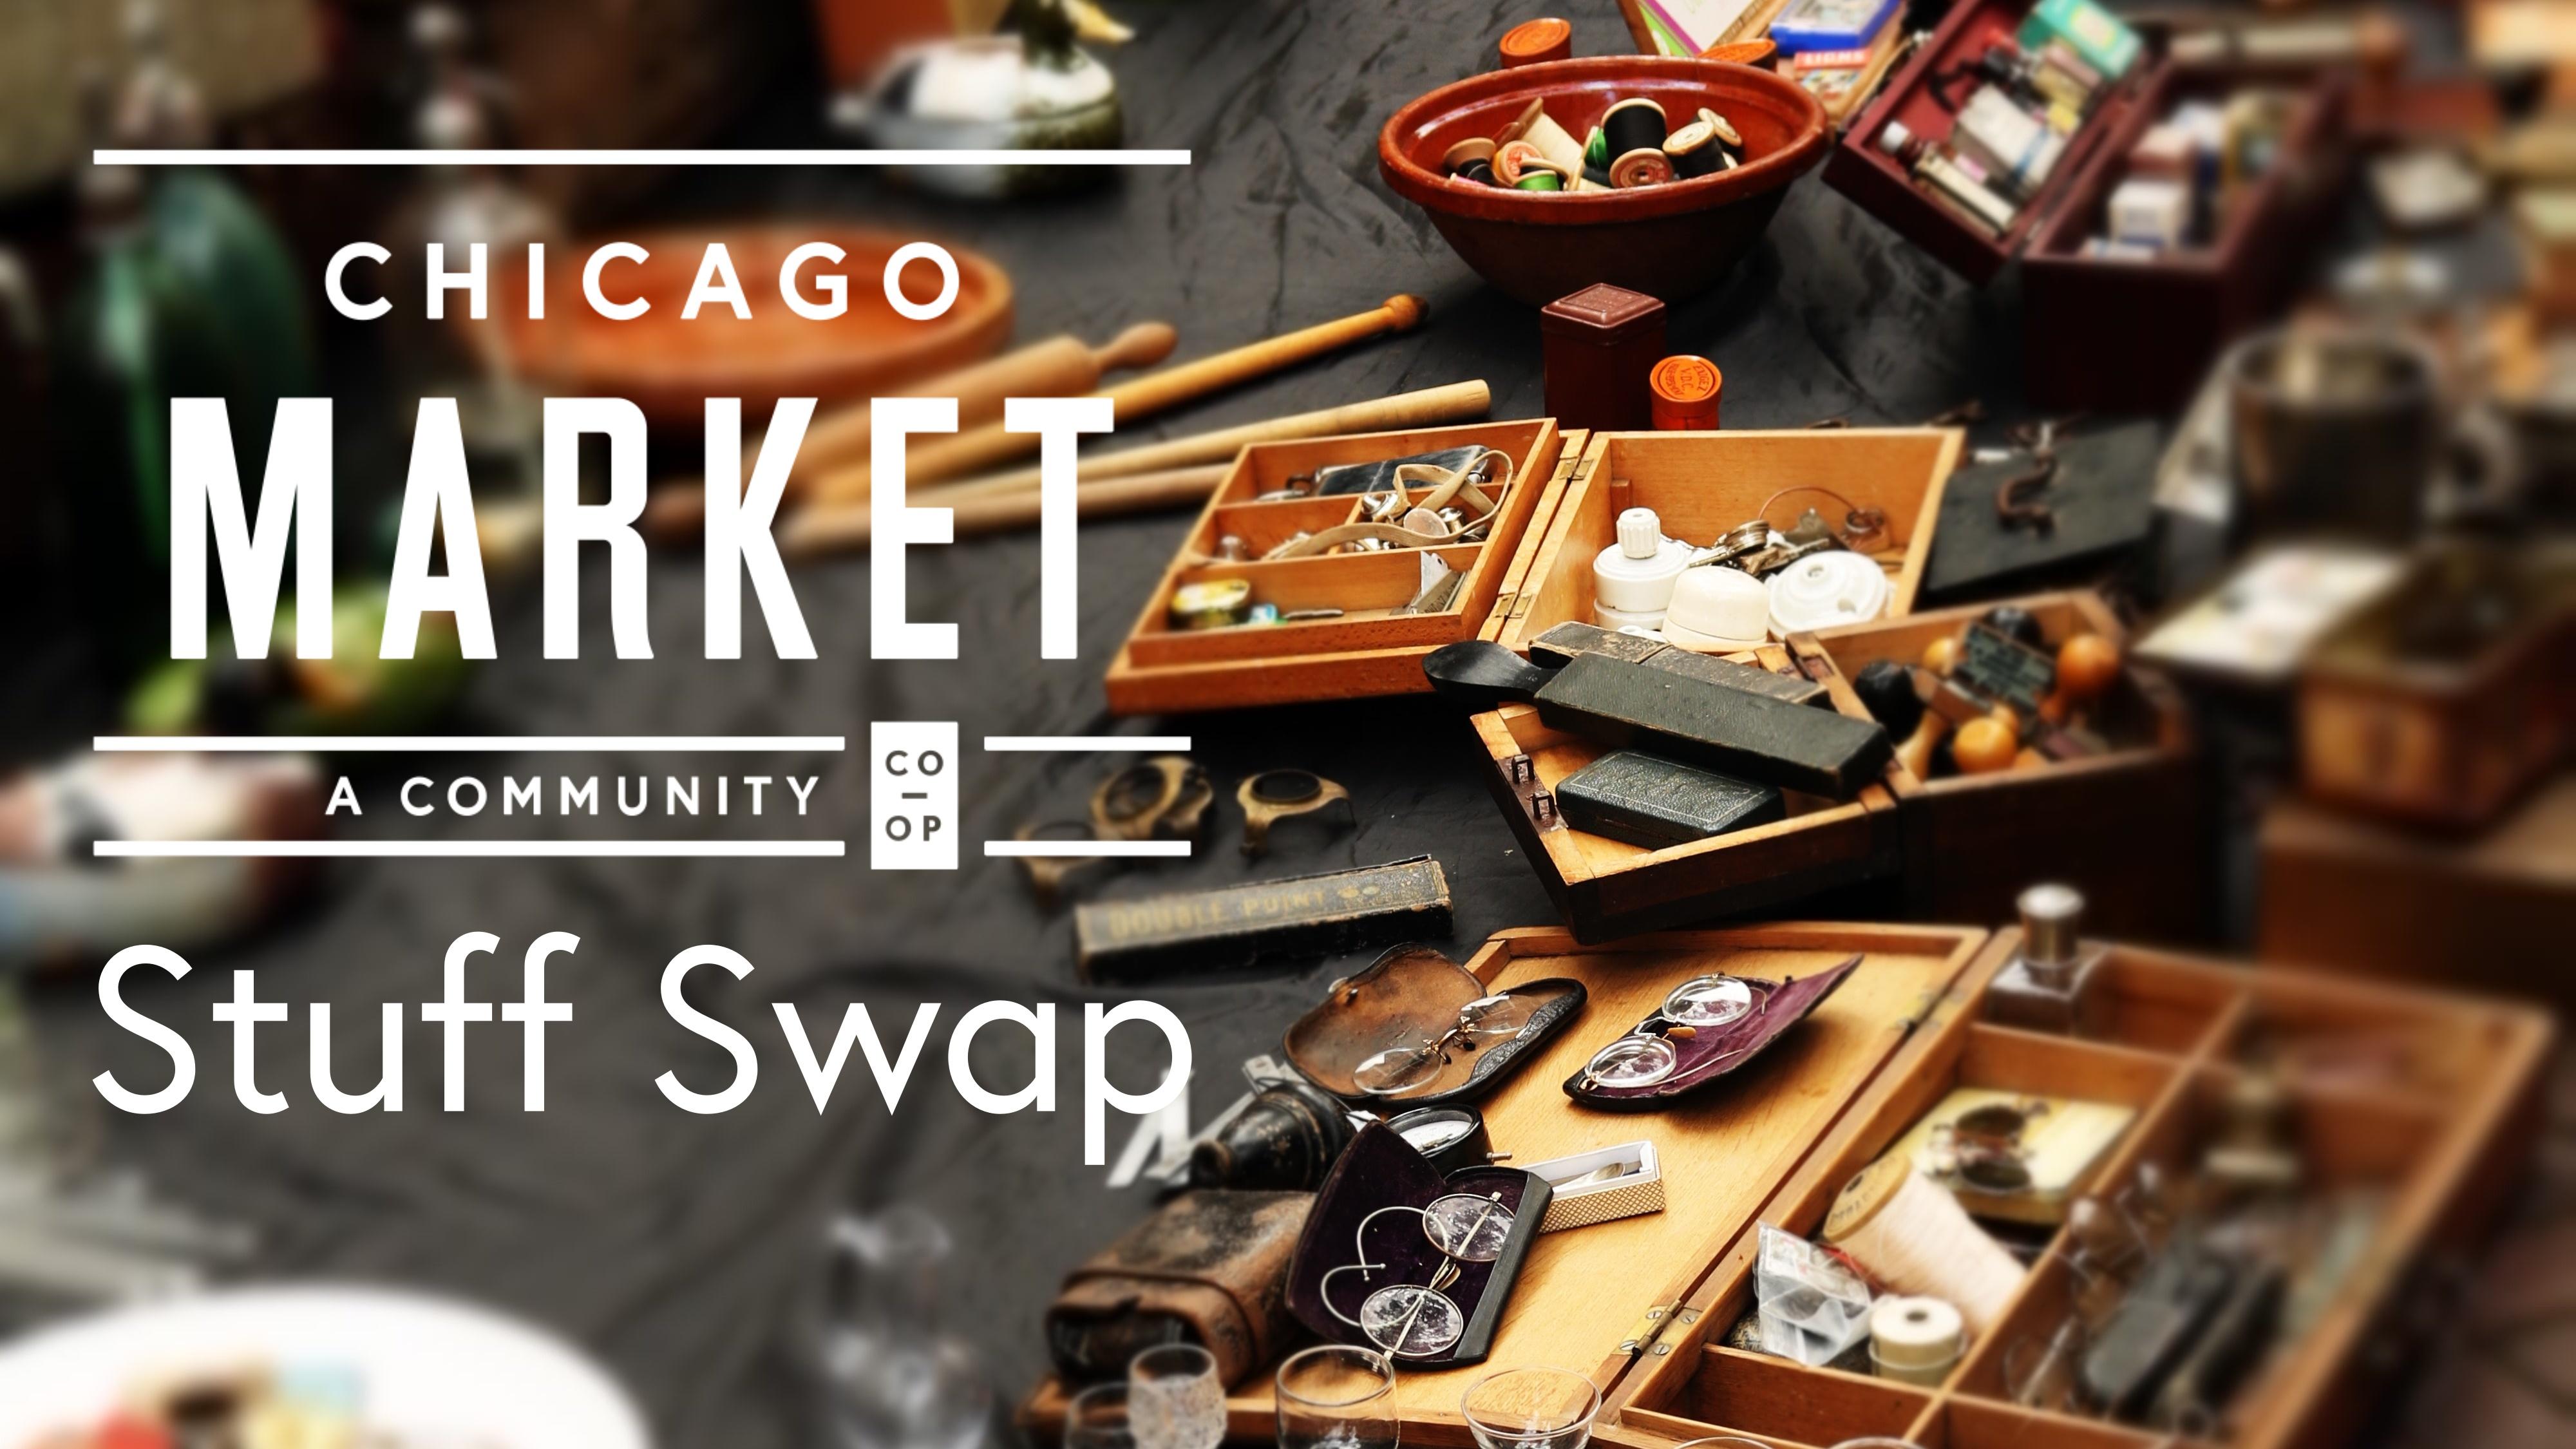 Chicago Market Stuff Swap